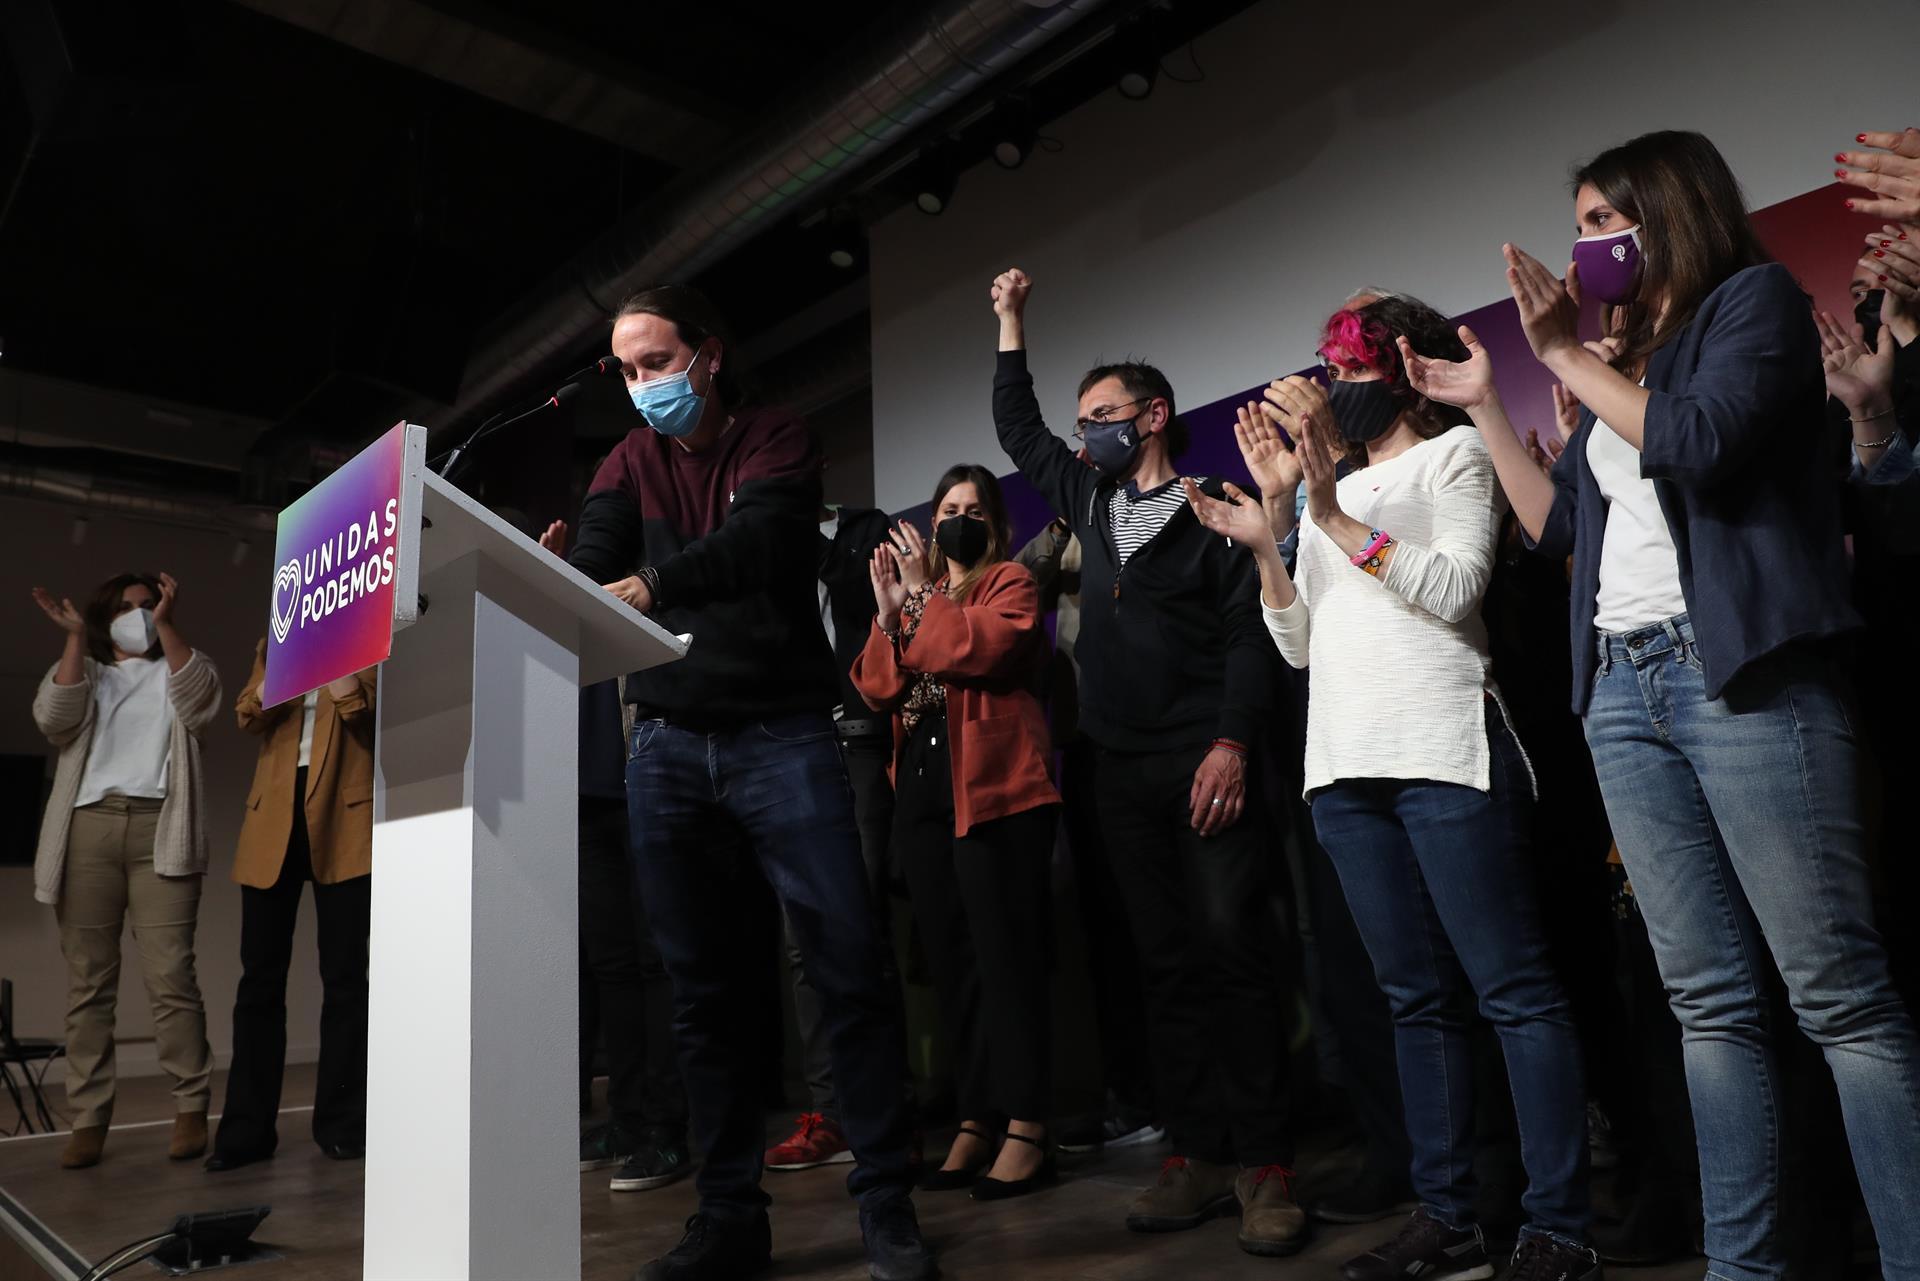 El líder de Unidas Podemos y candidato a la presidencia de la Comunidad de Madrid, Pablo Iglesias, comparece ante los medios tras conocer el resultados de los comicios madrileños.- EFE